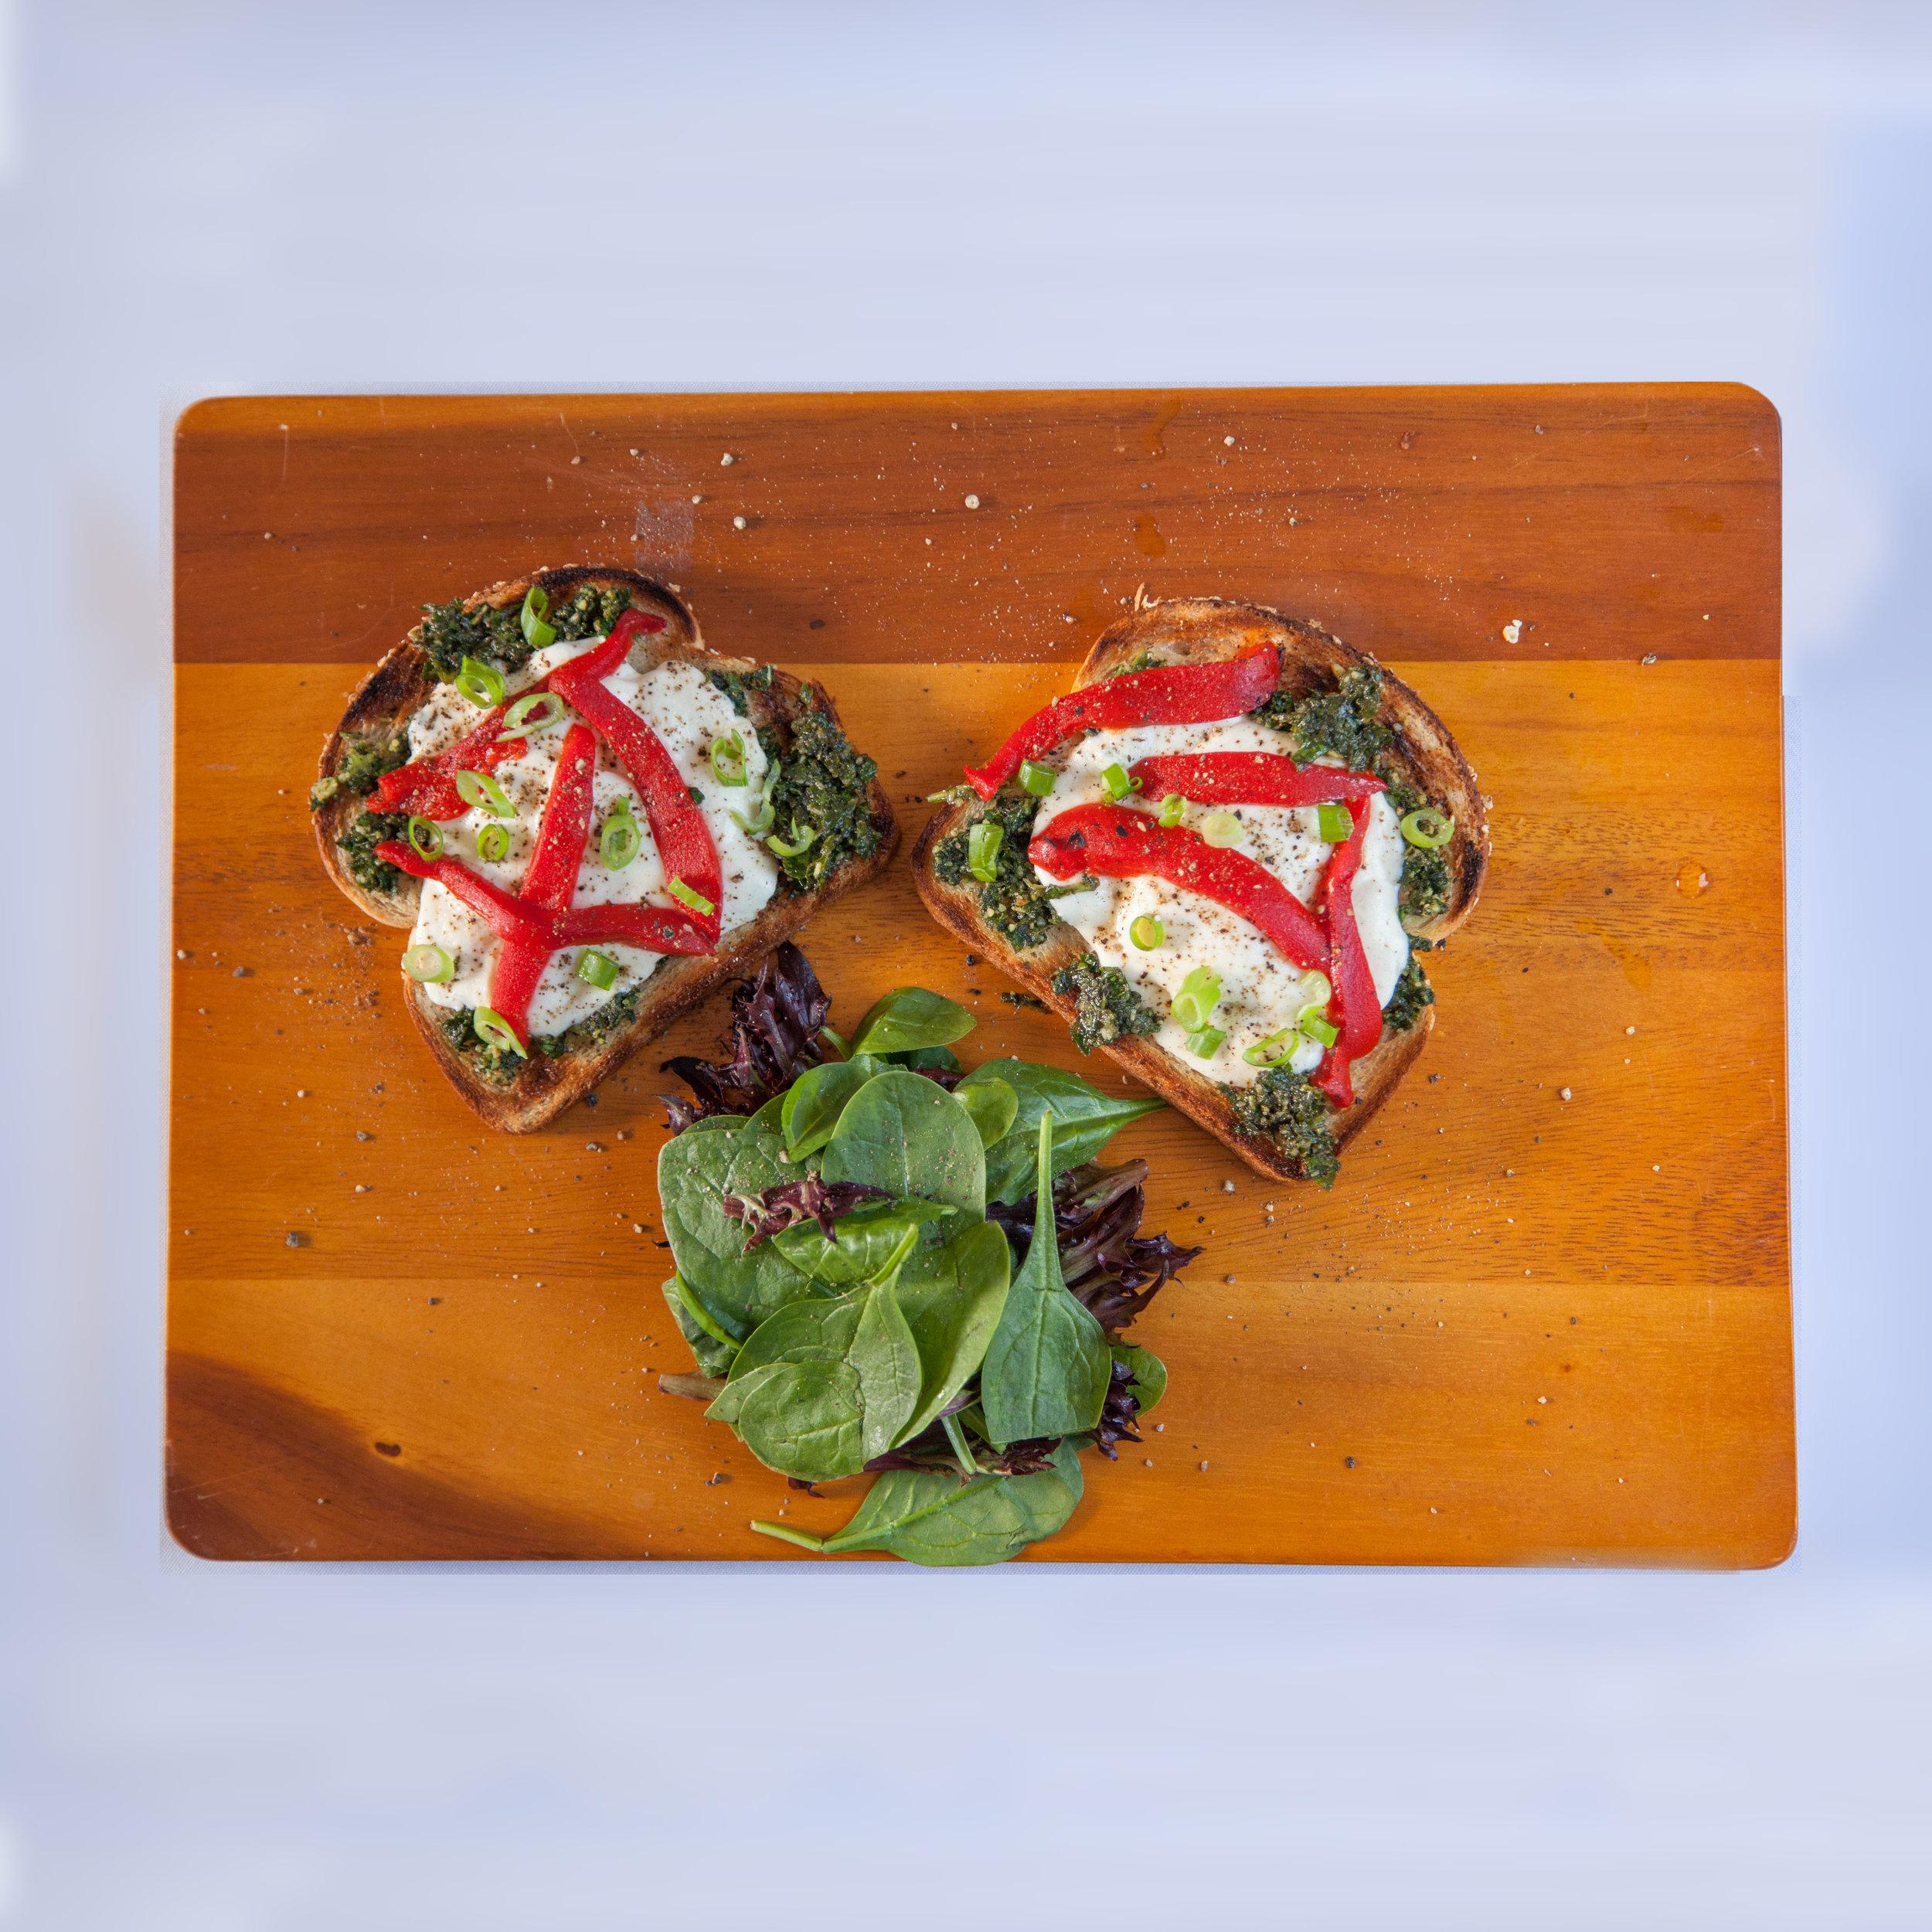 Open-face sandwich with mozzarella